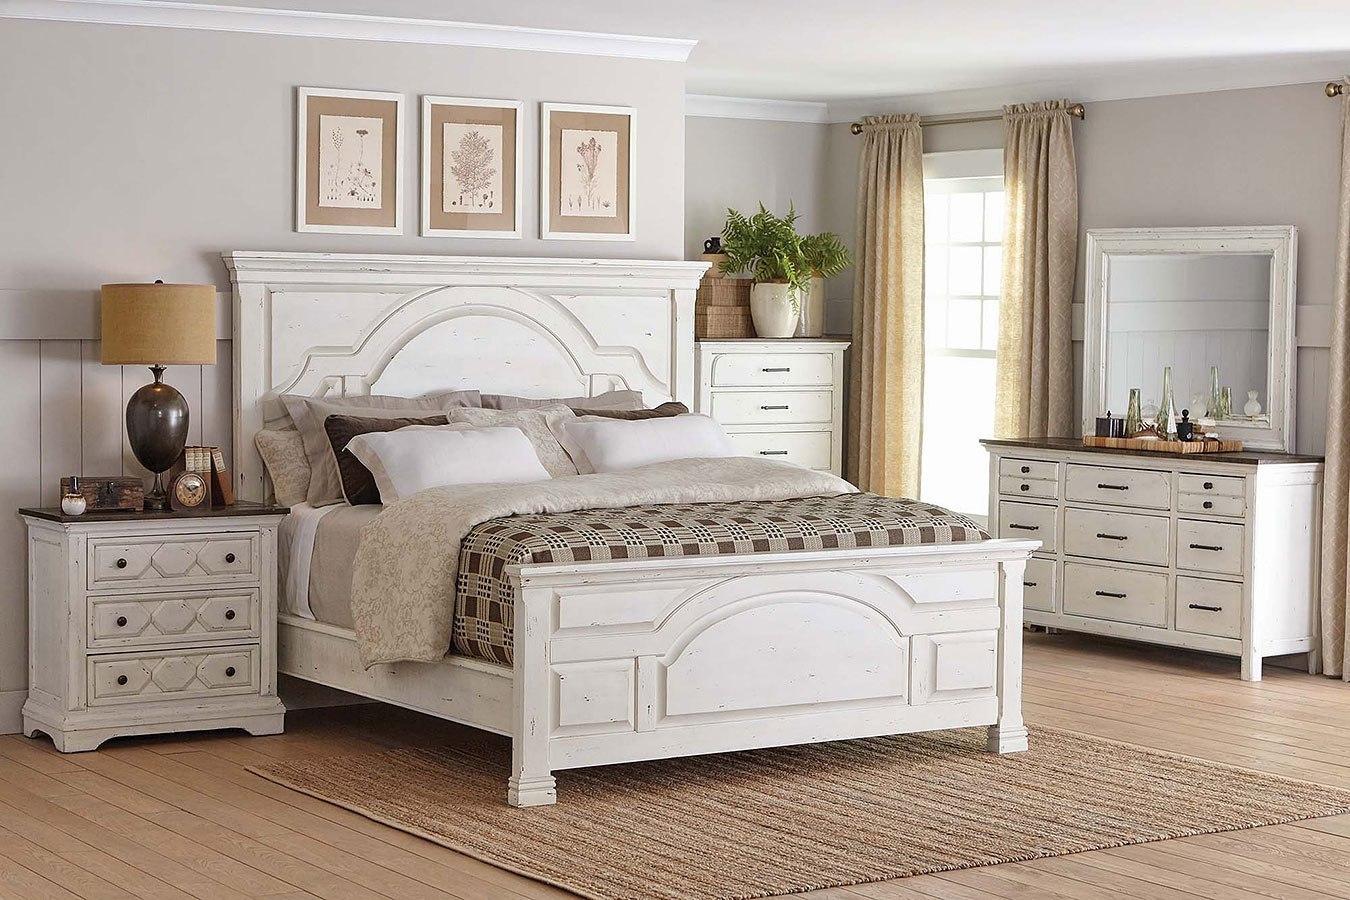 Celeste Panel Bedroom Set Vintage White by Coaster